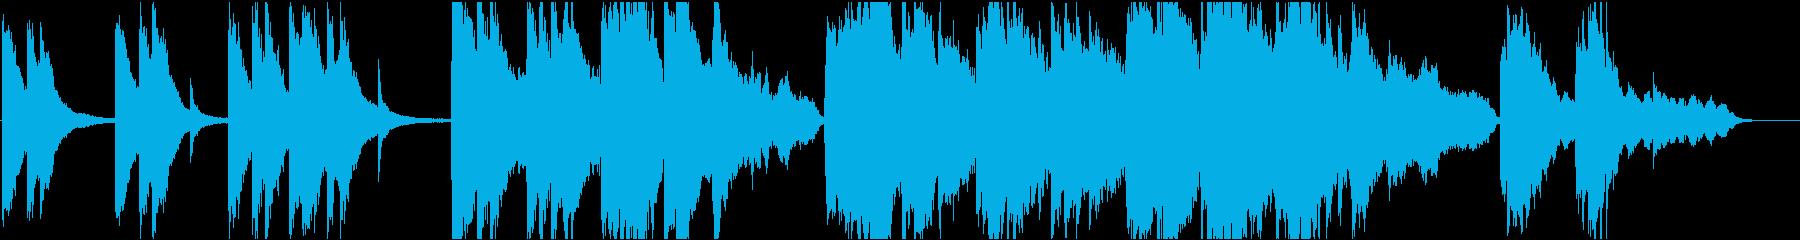 企業VP16 16bit48kHzVerの再生済みの波形